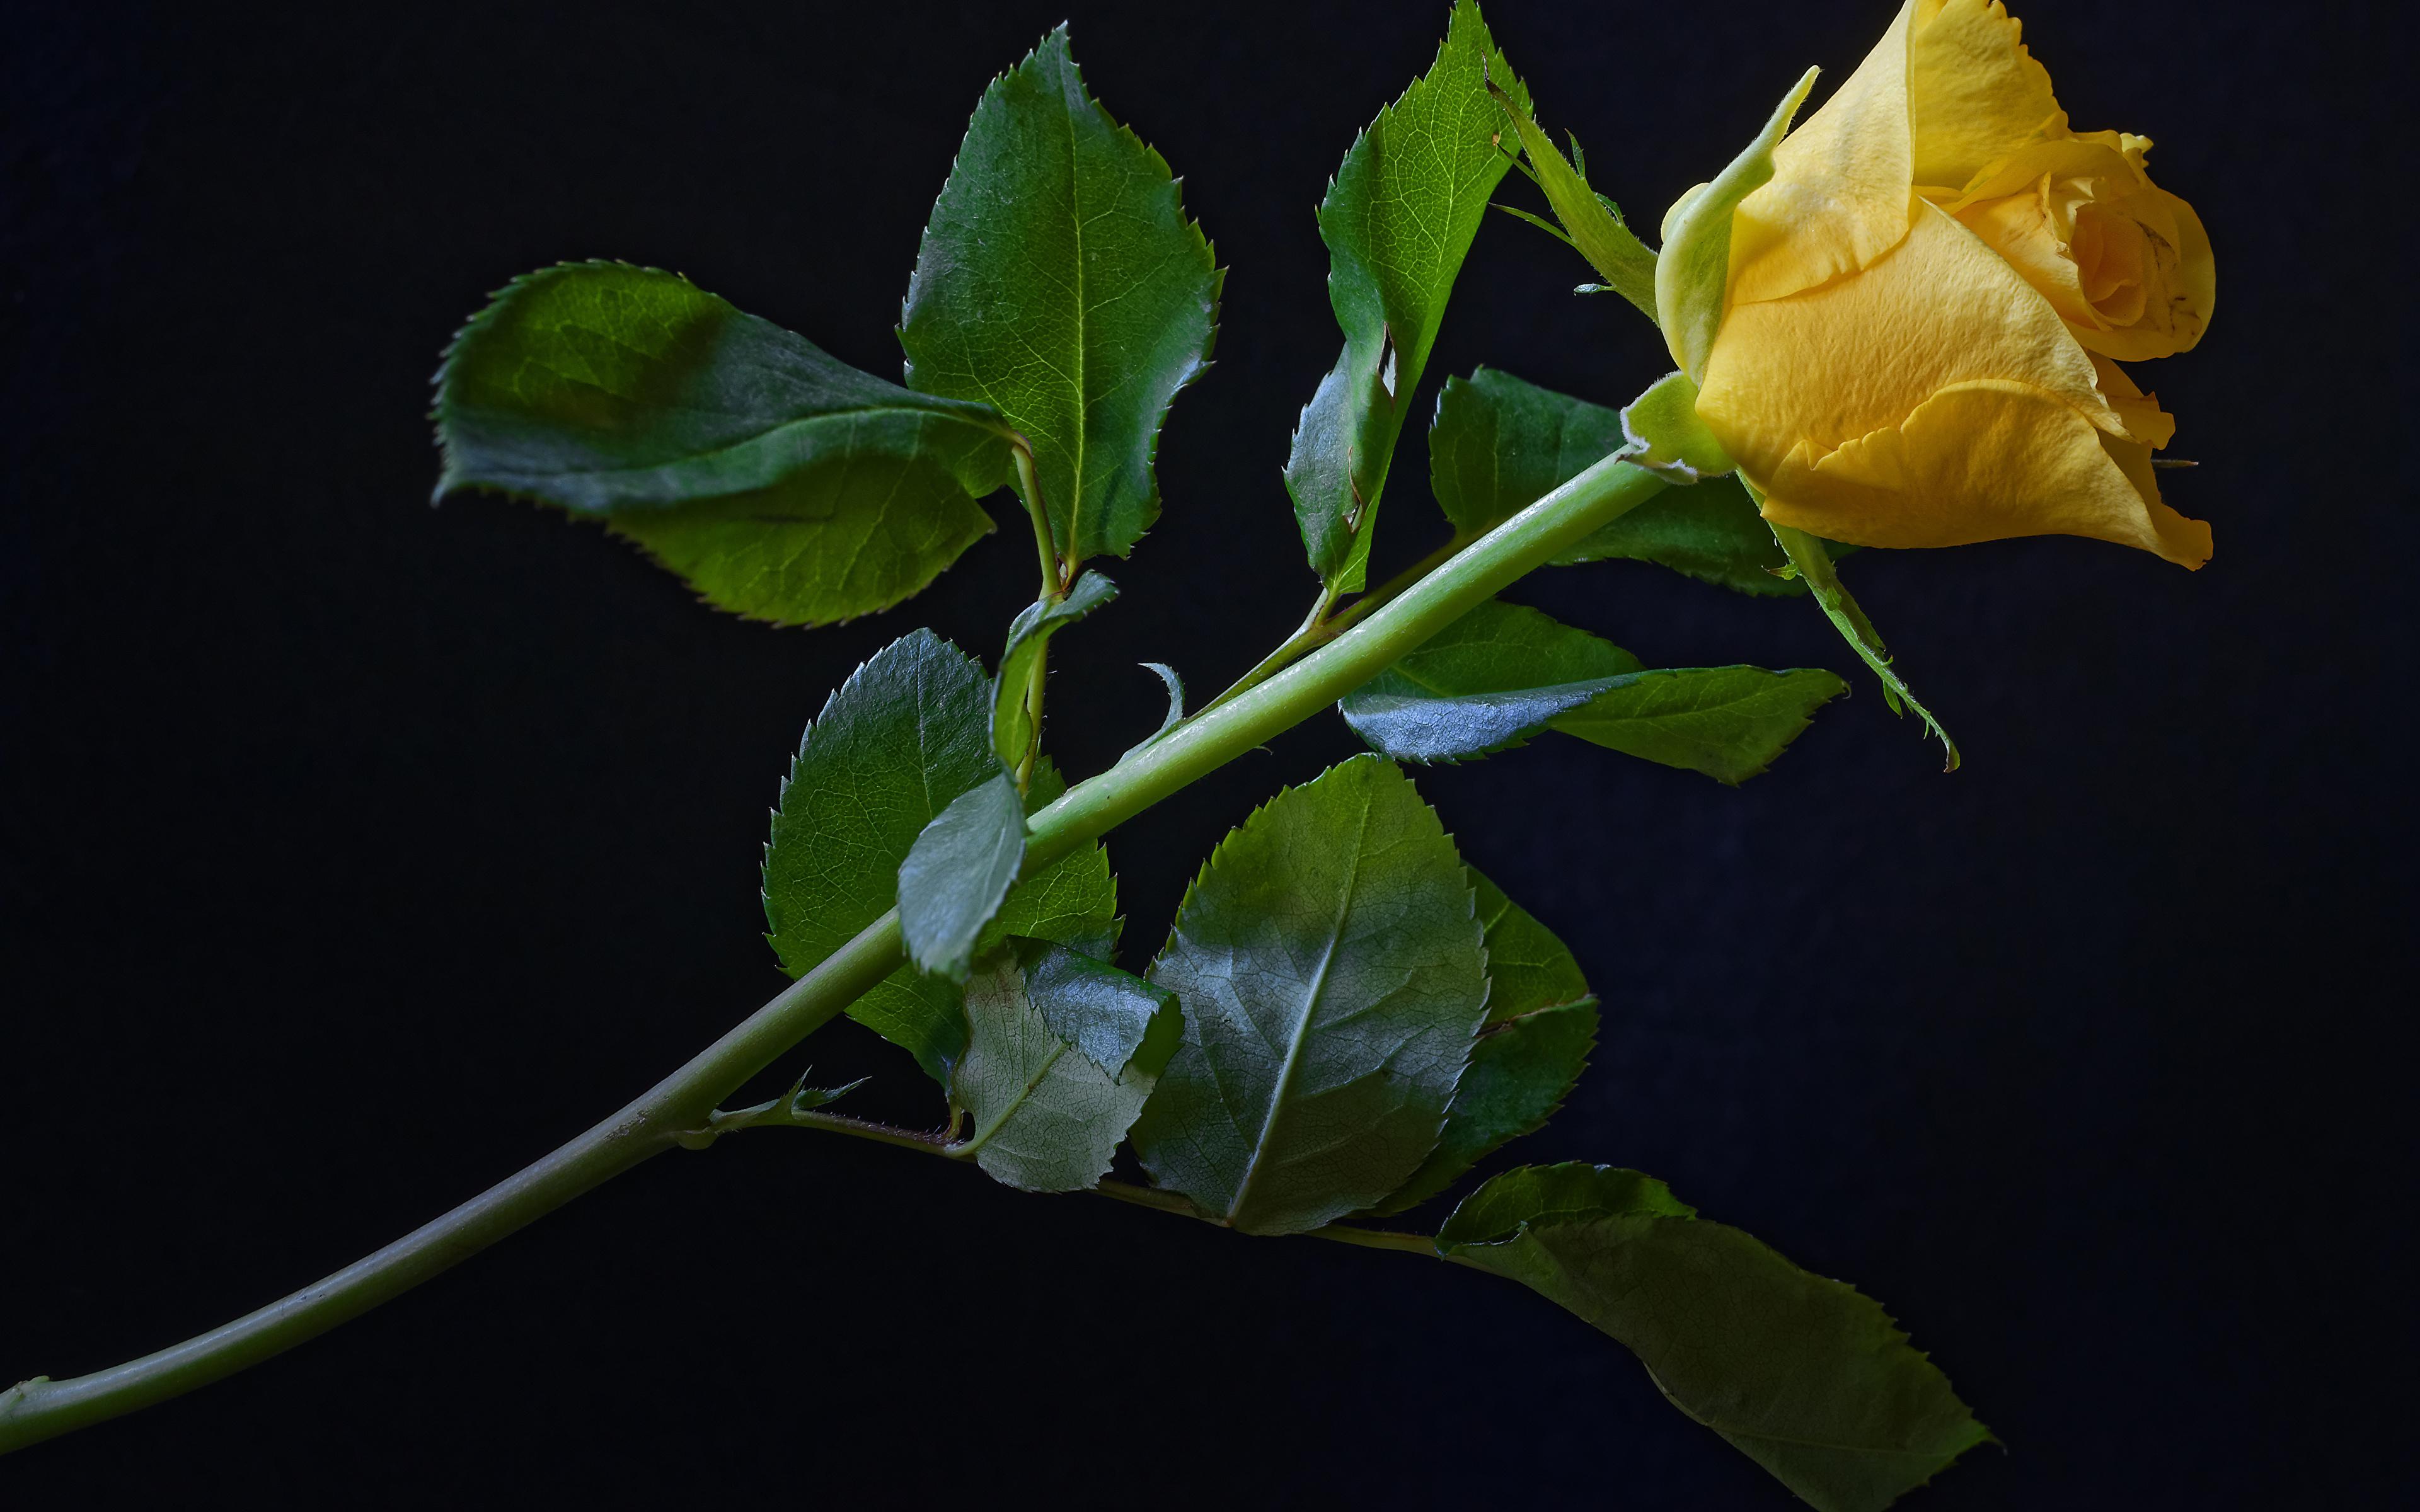 Картинки Розы Желтый Цветы Черный фон Крупным планом 3840x2400 вблизи